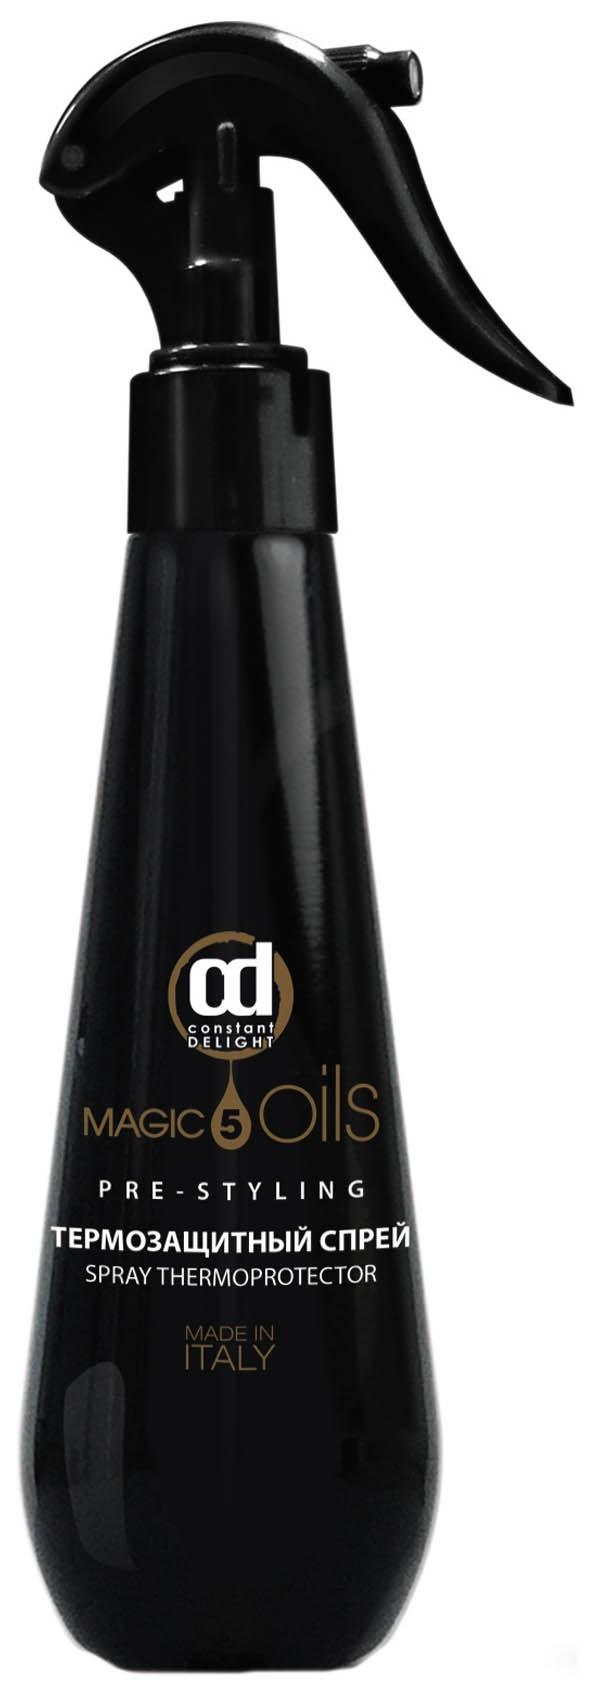 Купить Средство для укладки волос CONSTANT DELIGHT 5 Magic Oils Термозащитный 200 мл